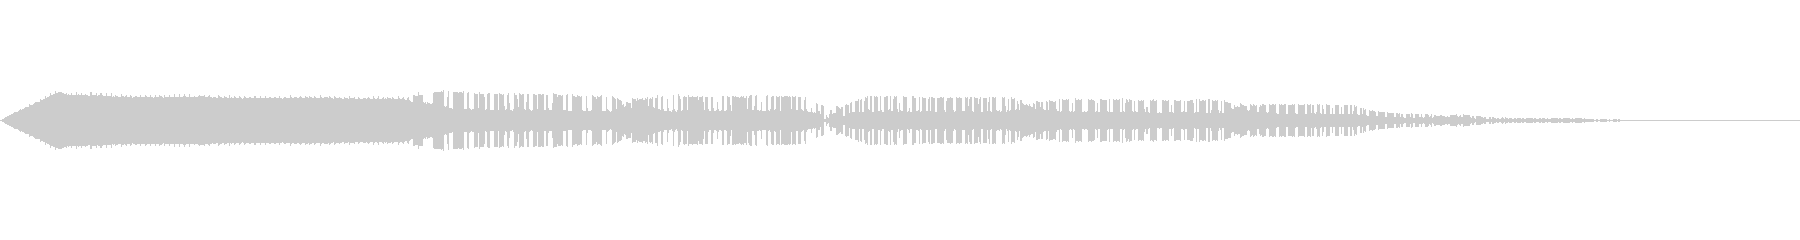 ピコッ。の未再生の波形